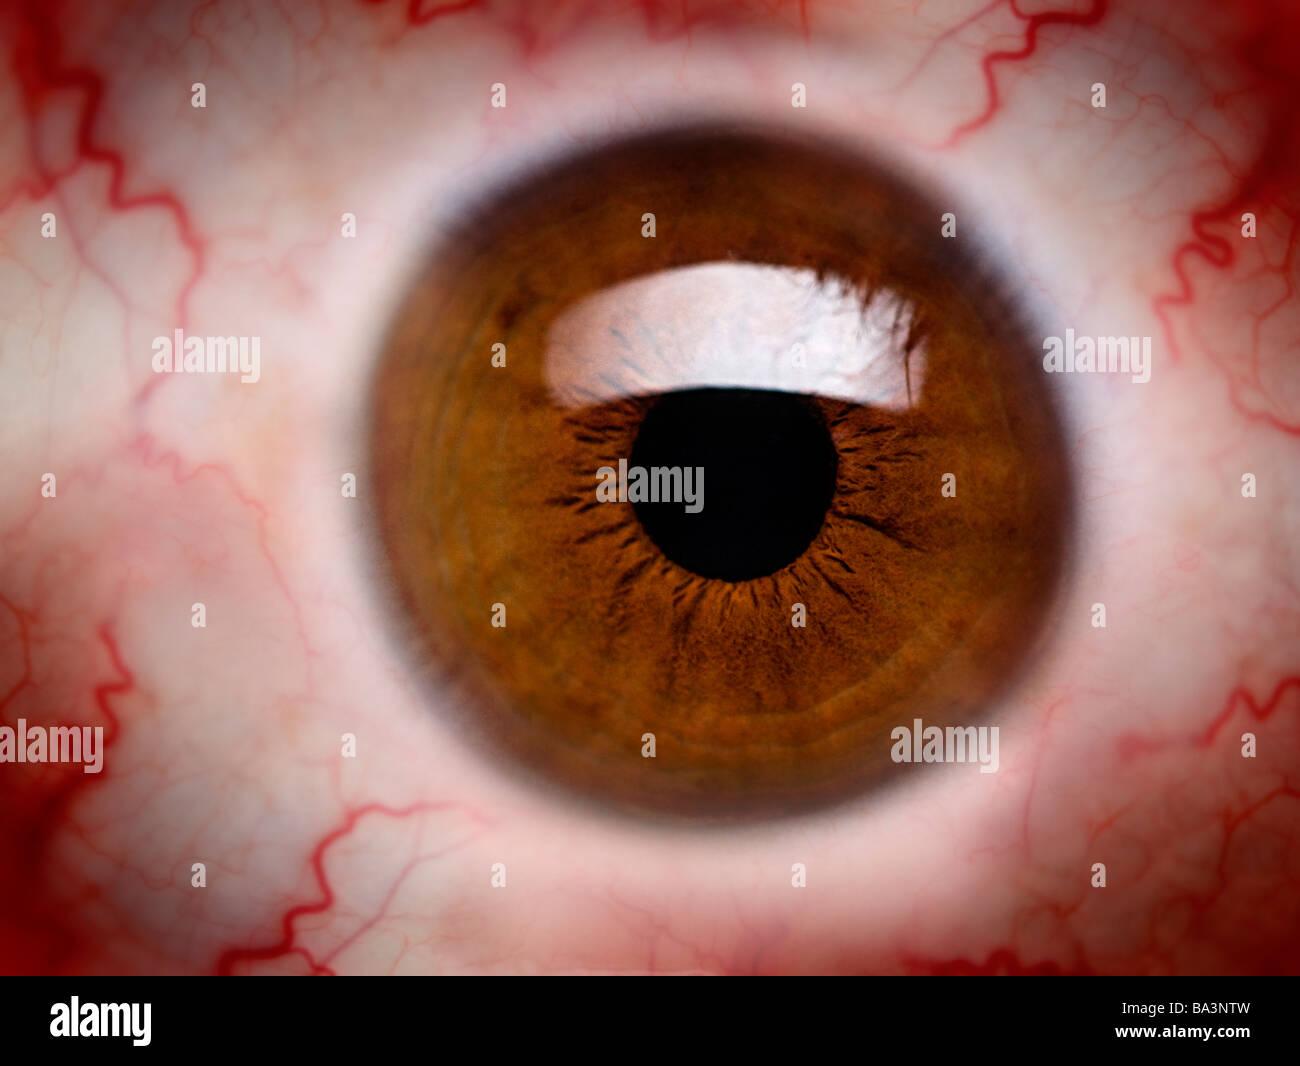 brown eyes - Stock Image